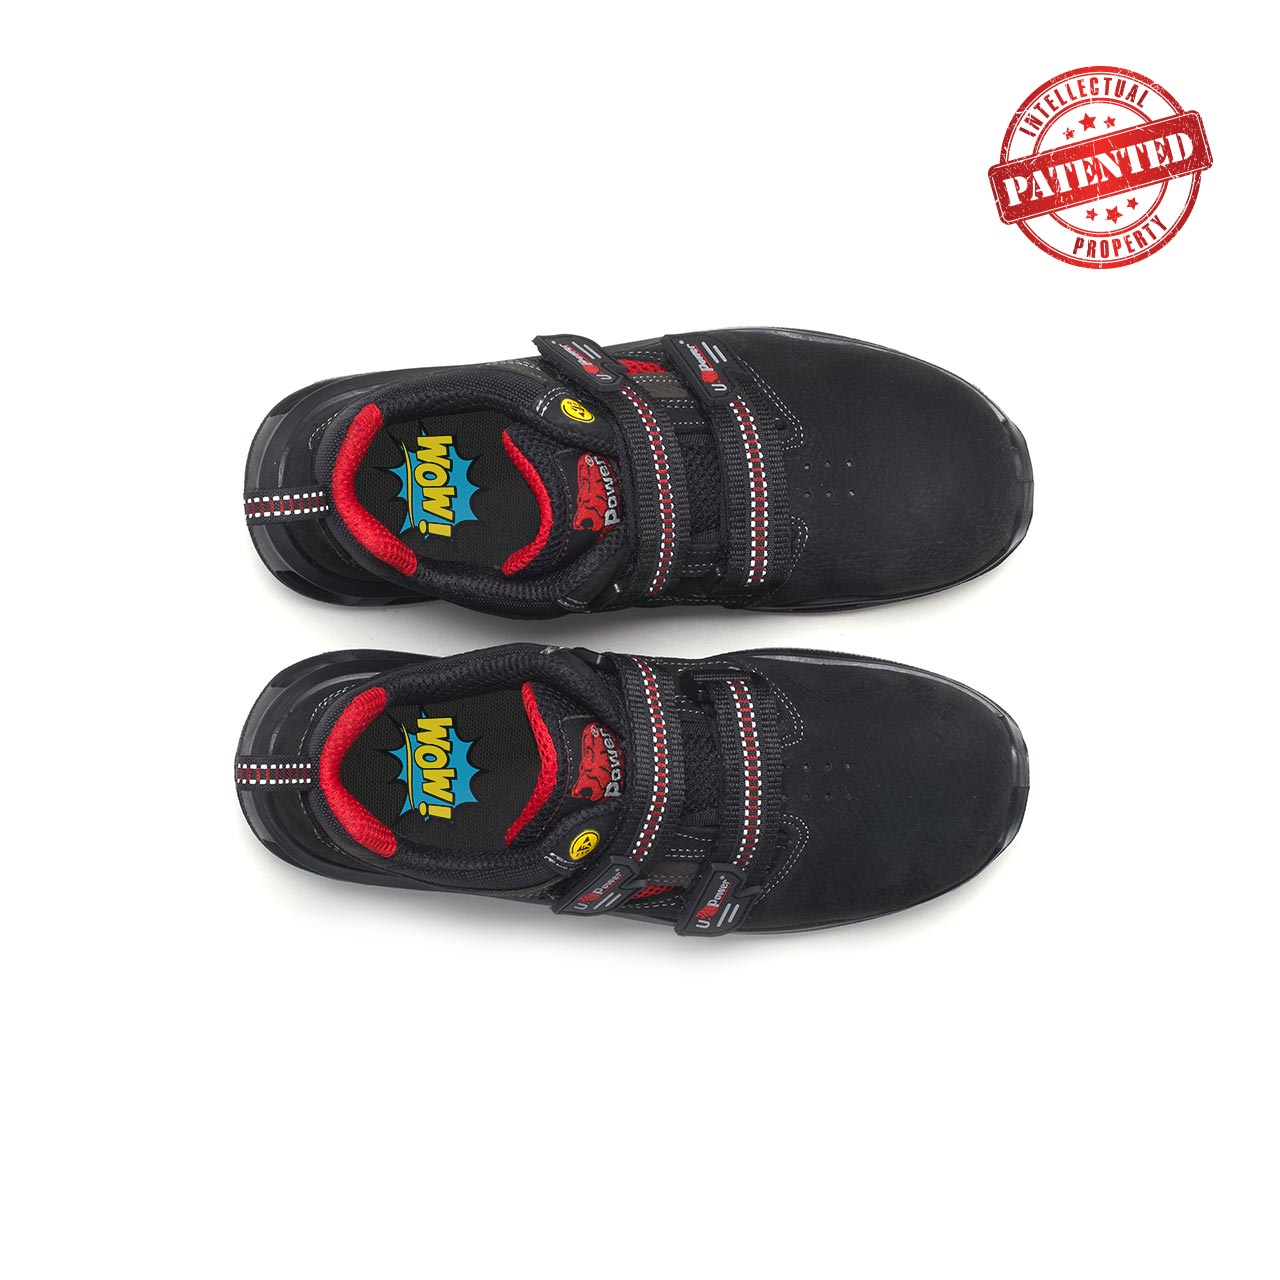 paio di scarpe antinfortunistiche upower modello cody linea redlion vista top